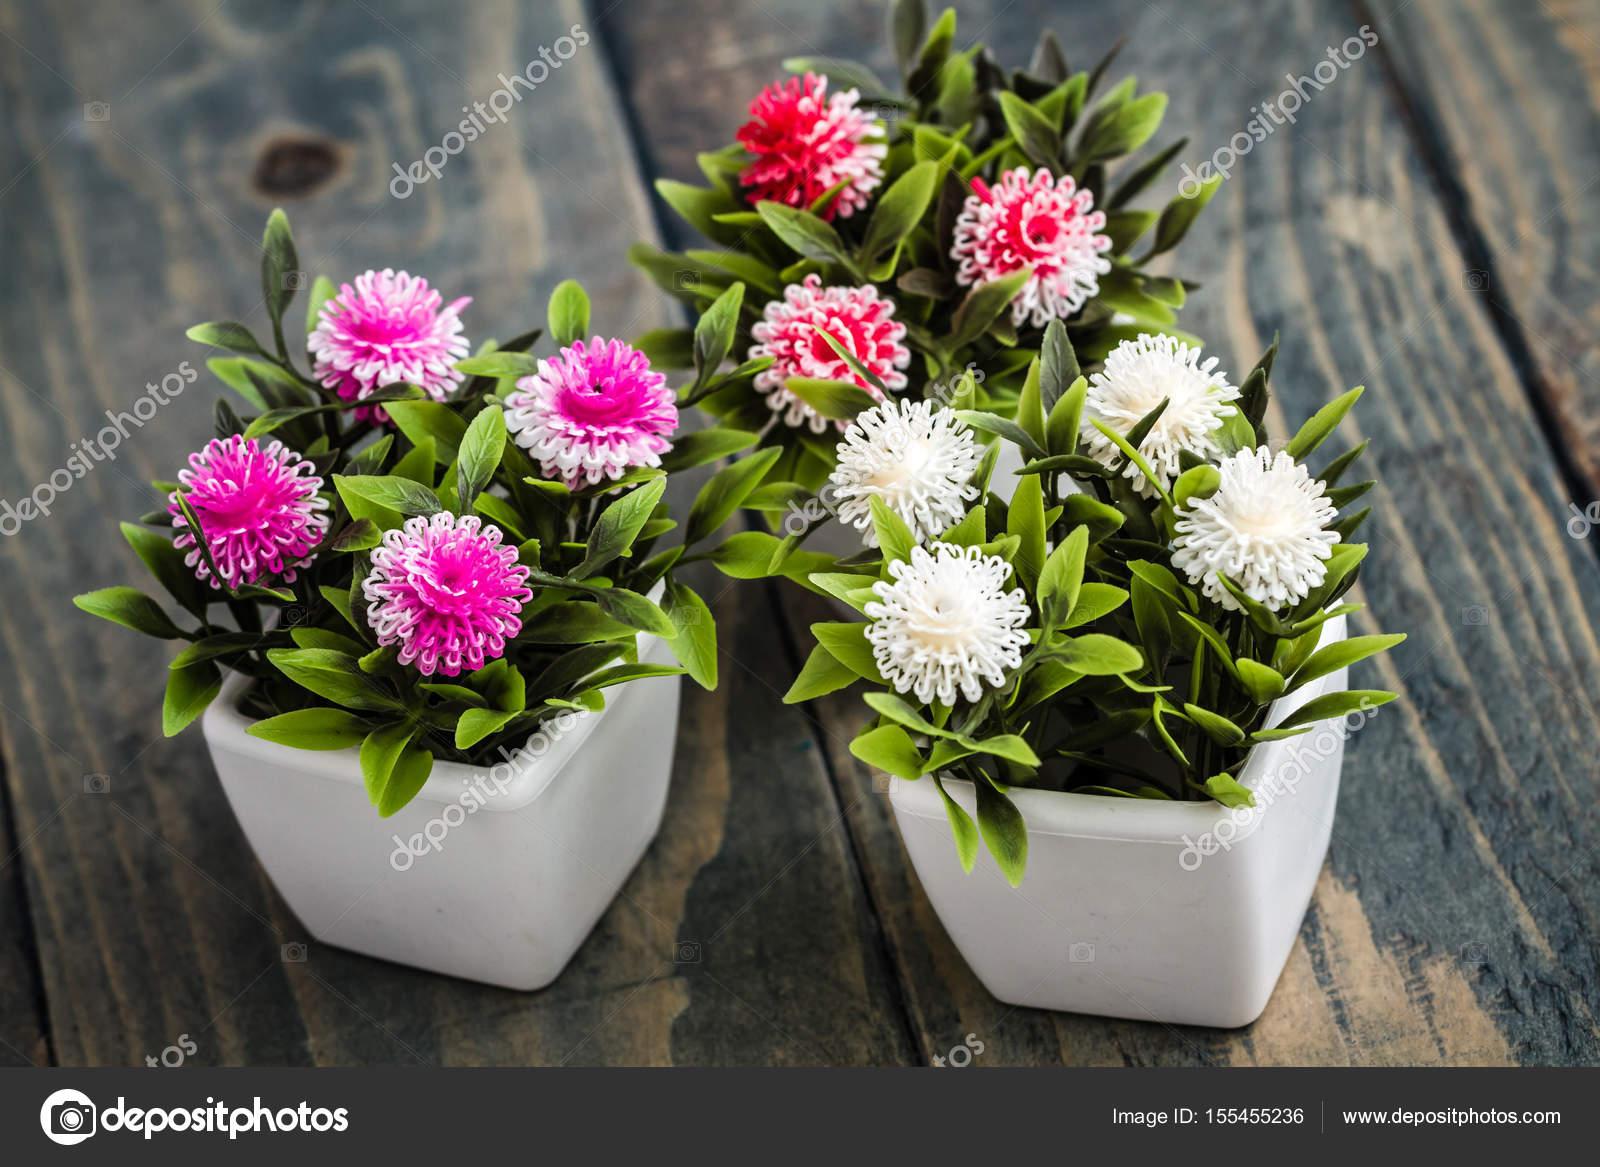 Sztuczne Kwiaty W Białe Kwiaty Doniczkowe Zdjęcie Stockowe